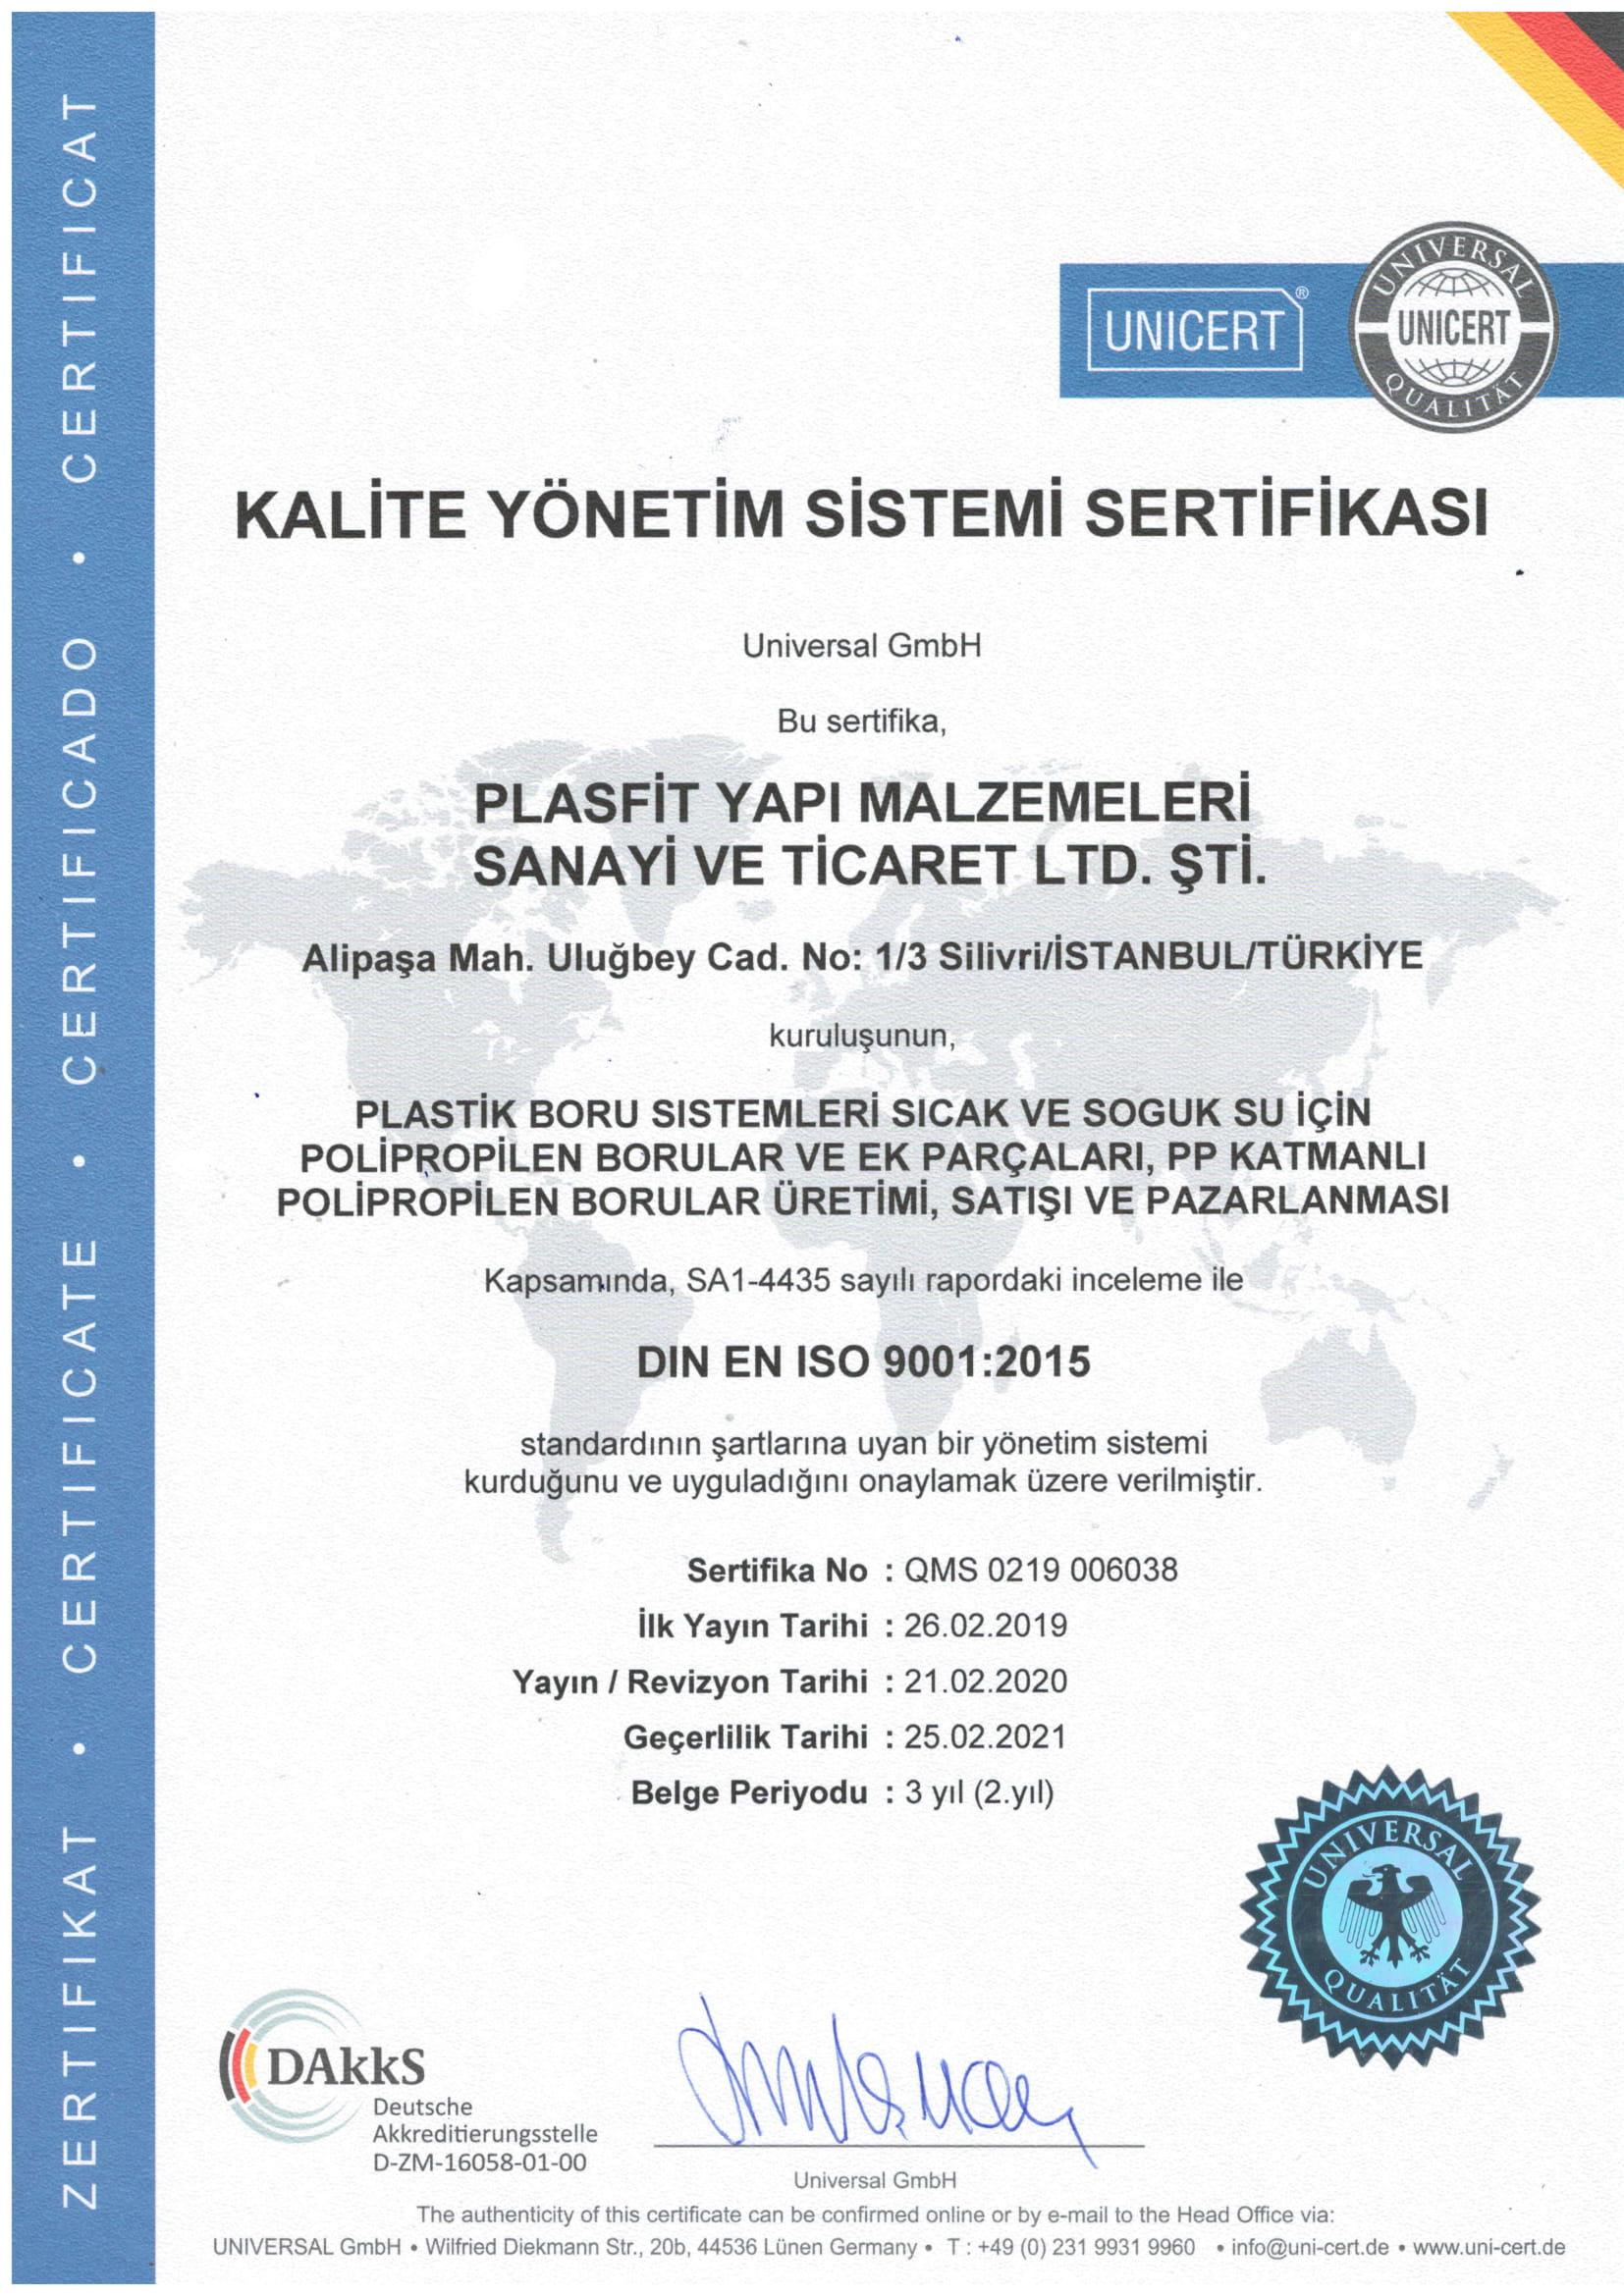 PLASFİT ISO 9001 2015 KALİTE YÖNETİMİ SERTİFİKASI 2020-1